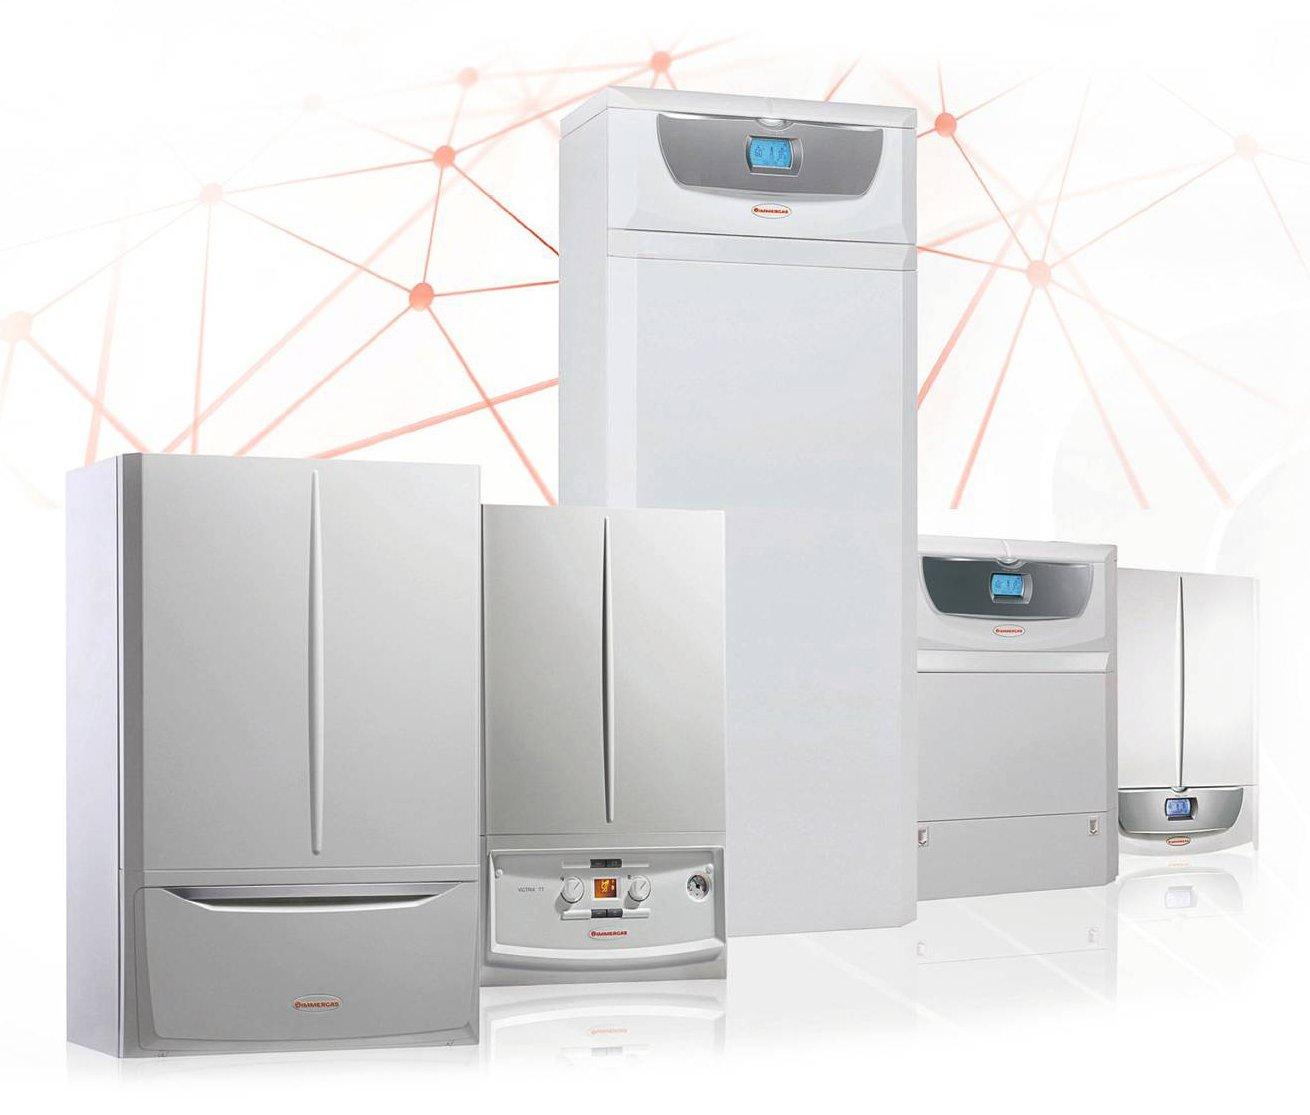 Caldaia A Condensazione Svantaggi riscaldamento autonomo: tipologie impianti, elementi, foto